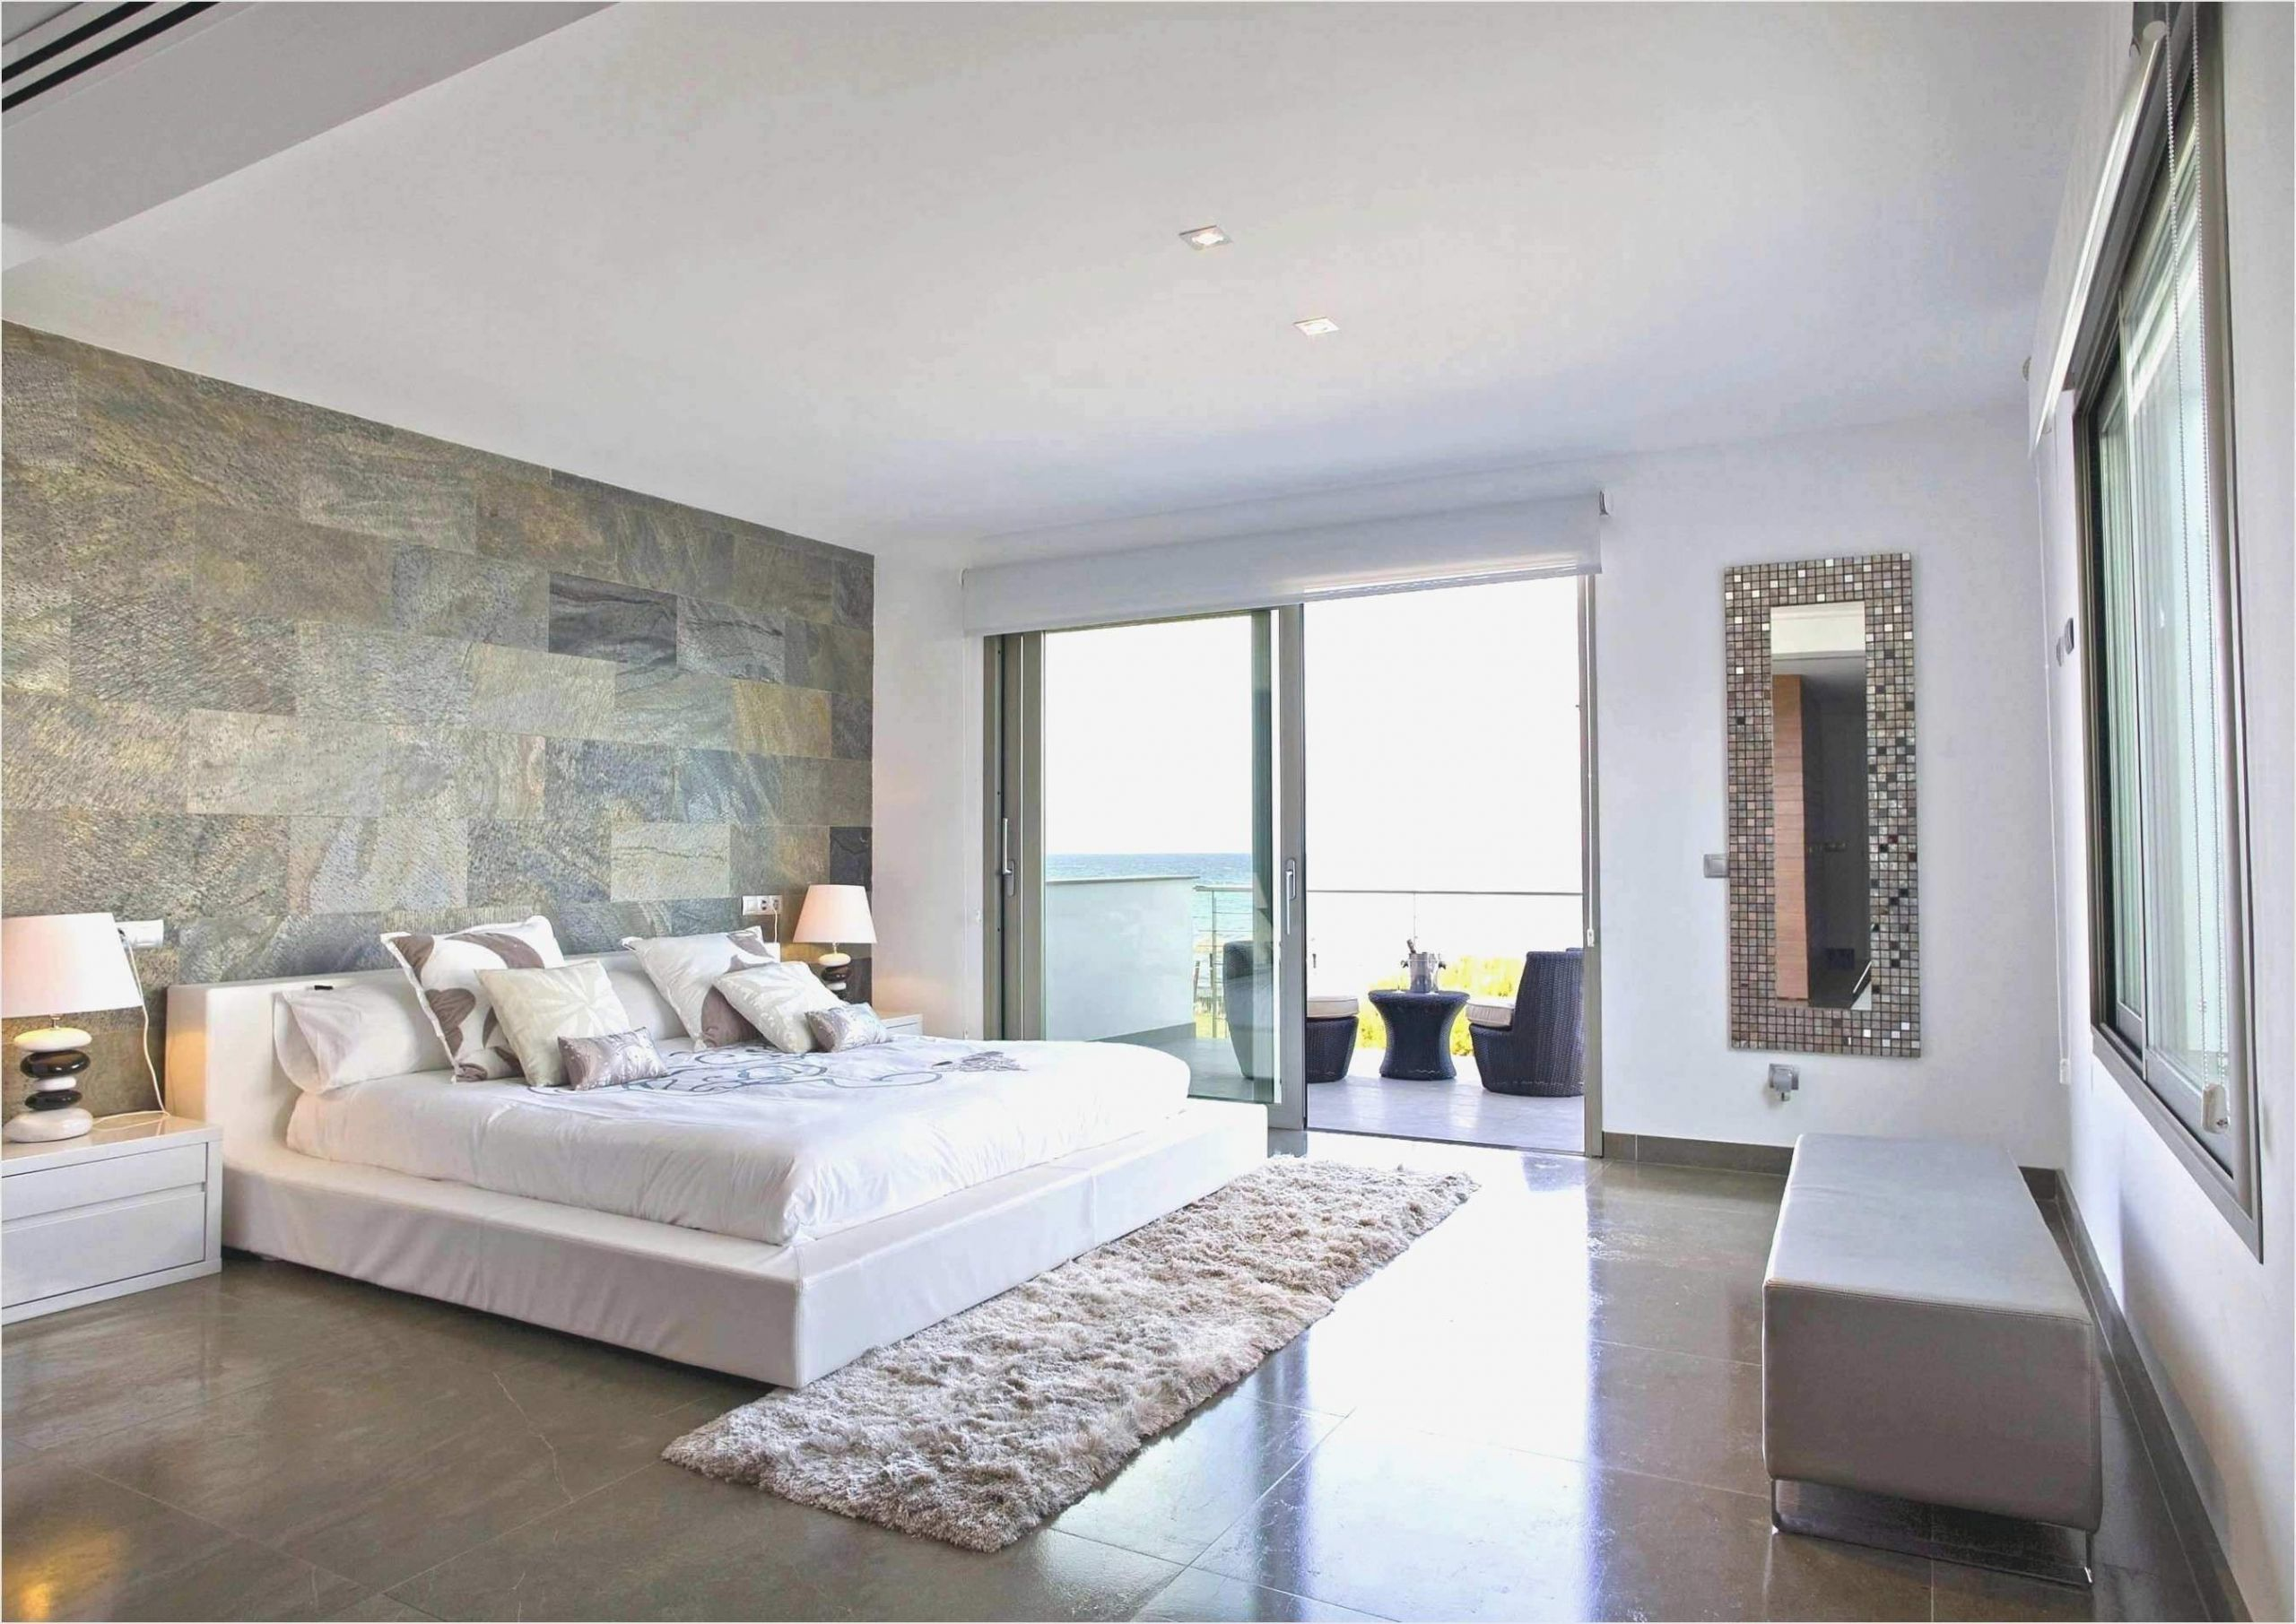 Wanddeko Für Garten Luxus 30 Inspirierend Wanddeko Für Wohnzimmer Luxus